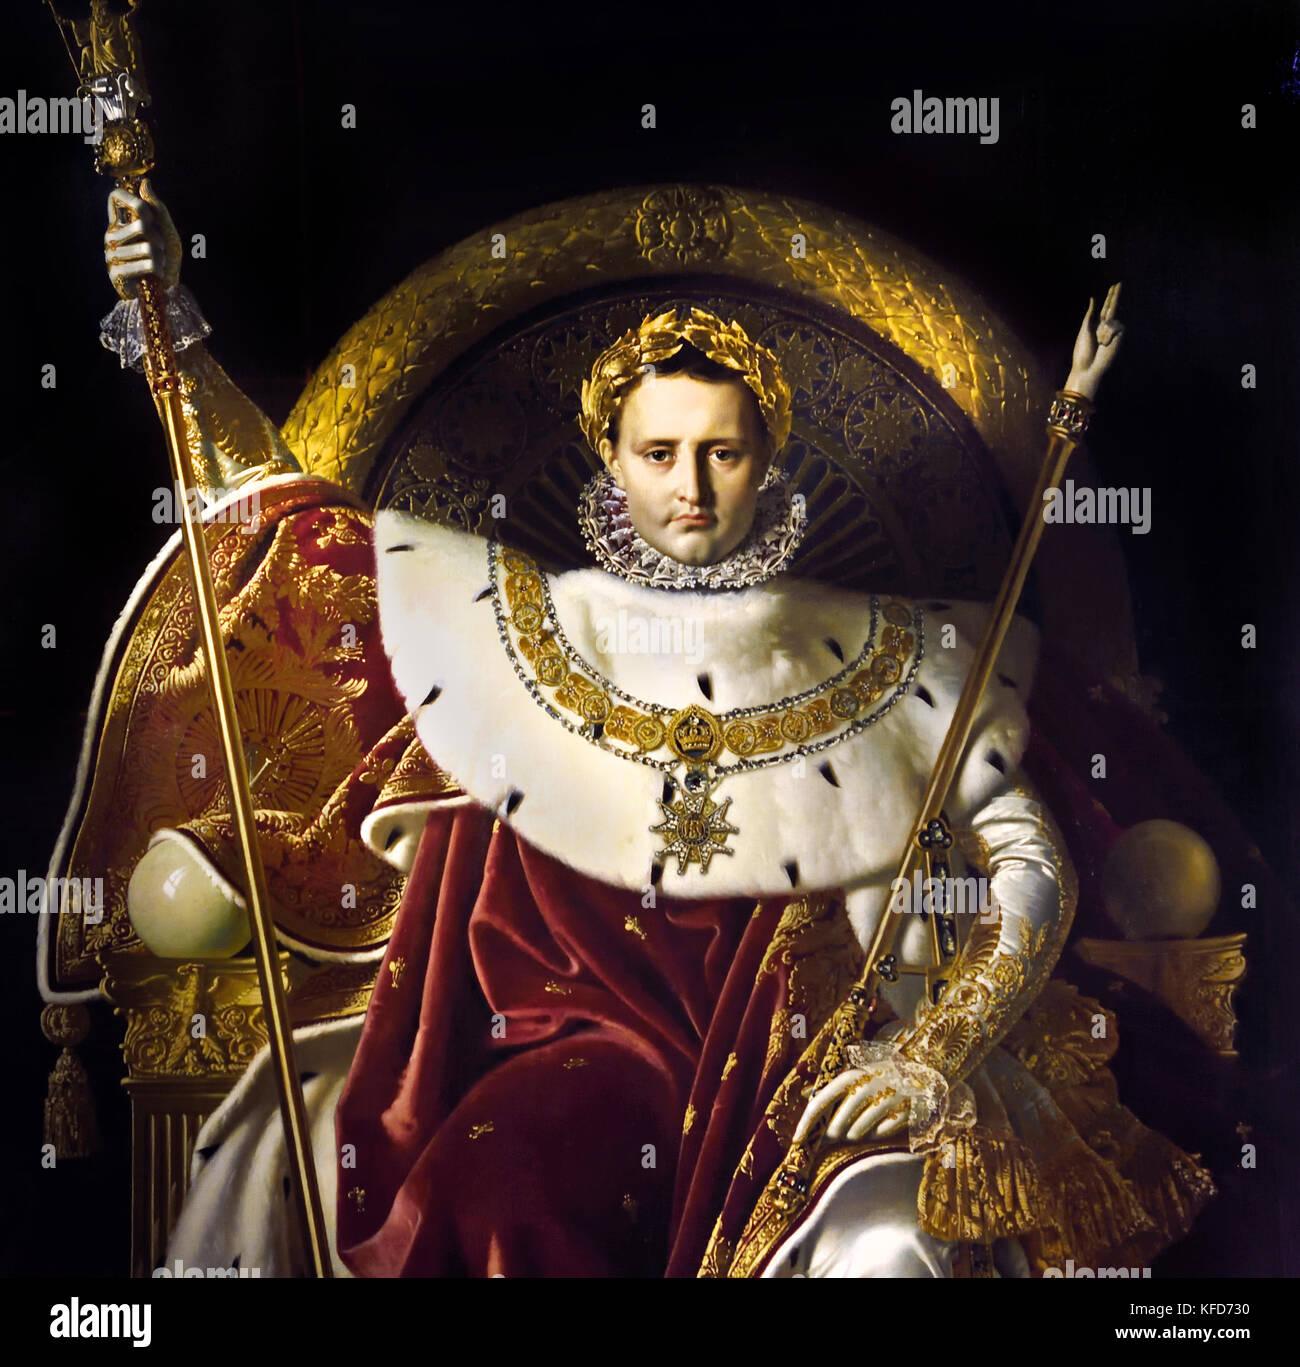 Napoleón en su Trono Imperial de 1806, Jean-Auguste-Dominique Ingres 1780-1867, óleo sobre lienzo, 260 x 163 cm ( Napoleón Bonaparte 1769 - 1821 como Napoleón I, él era emperador de los franceses desde 1804 hasta 1814, y de nuevo brevemente en 1815 (durante los Cien Días). Napoleón dominado europeos y los asuntos mundiales durante más de una década, mientras que Francia contra una serie de coaliciones en las guerras napoleónicas. Ganó la mayoría de estas guerras y la inmensa mayoría de sus batallas, la construcción de un gran imperio que gobernó en Europa continental antes de su colapso final en 1815. ) Foto de stock